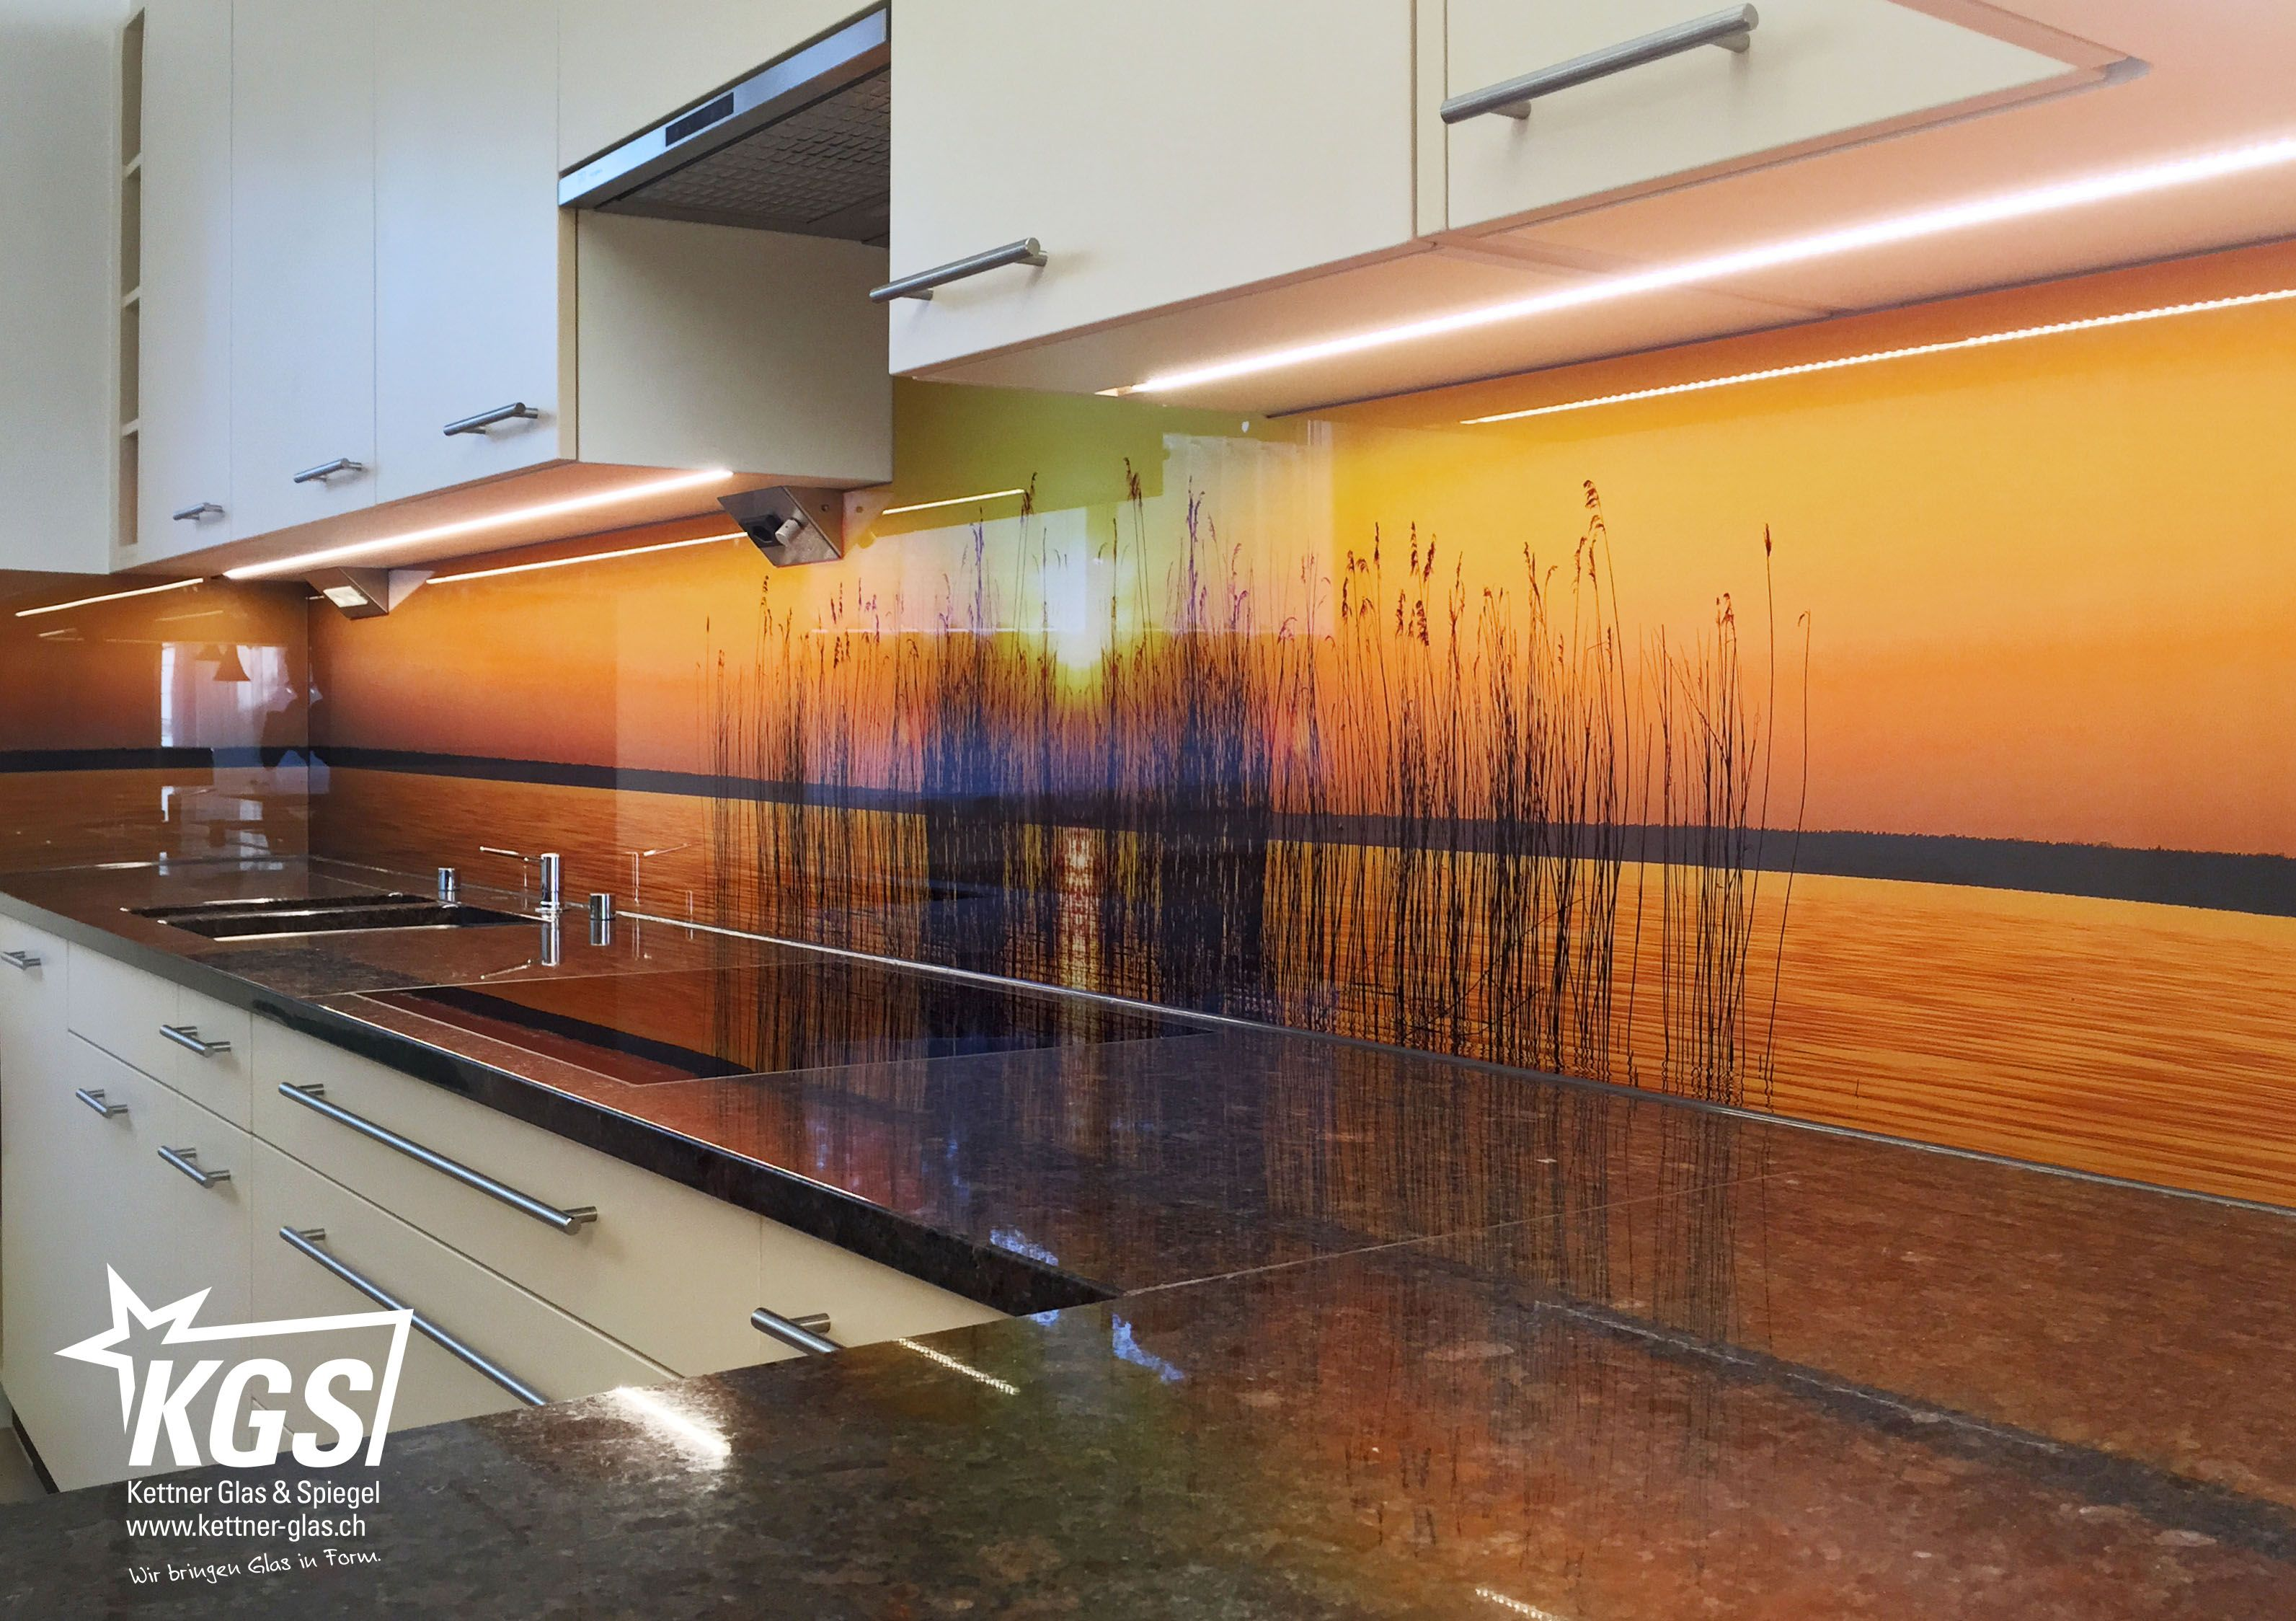 Optimale Raumausnutzung Mit Durchgangiger Schrankwand Die Schrankwand Bringt Vielfaltigen Stauraum In Die Kuche Miele Backofen Schrankwand Kuche Kuchenwand